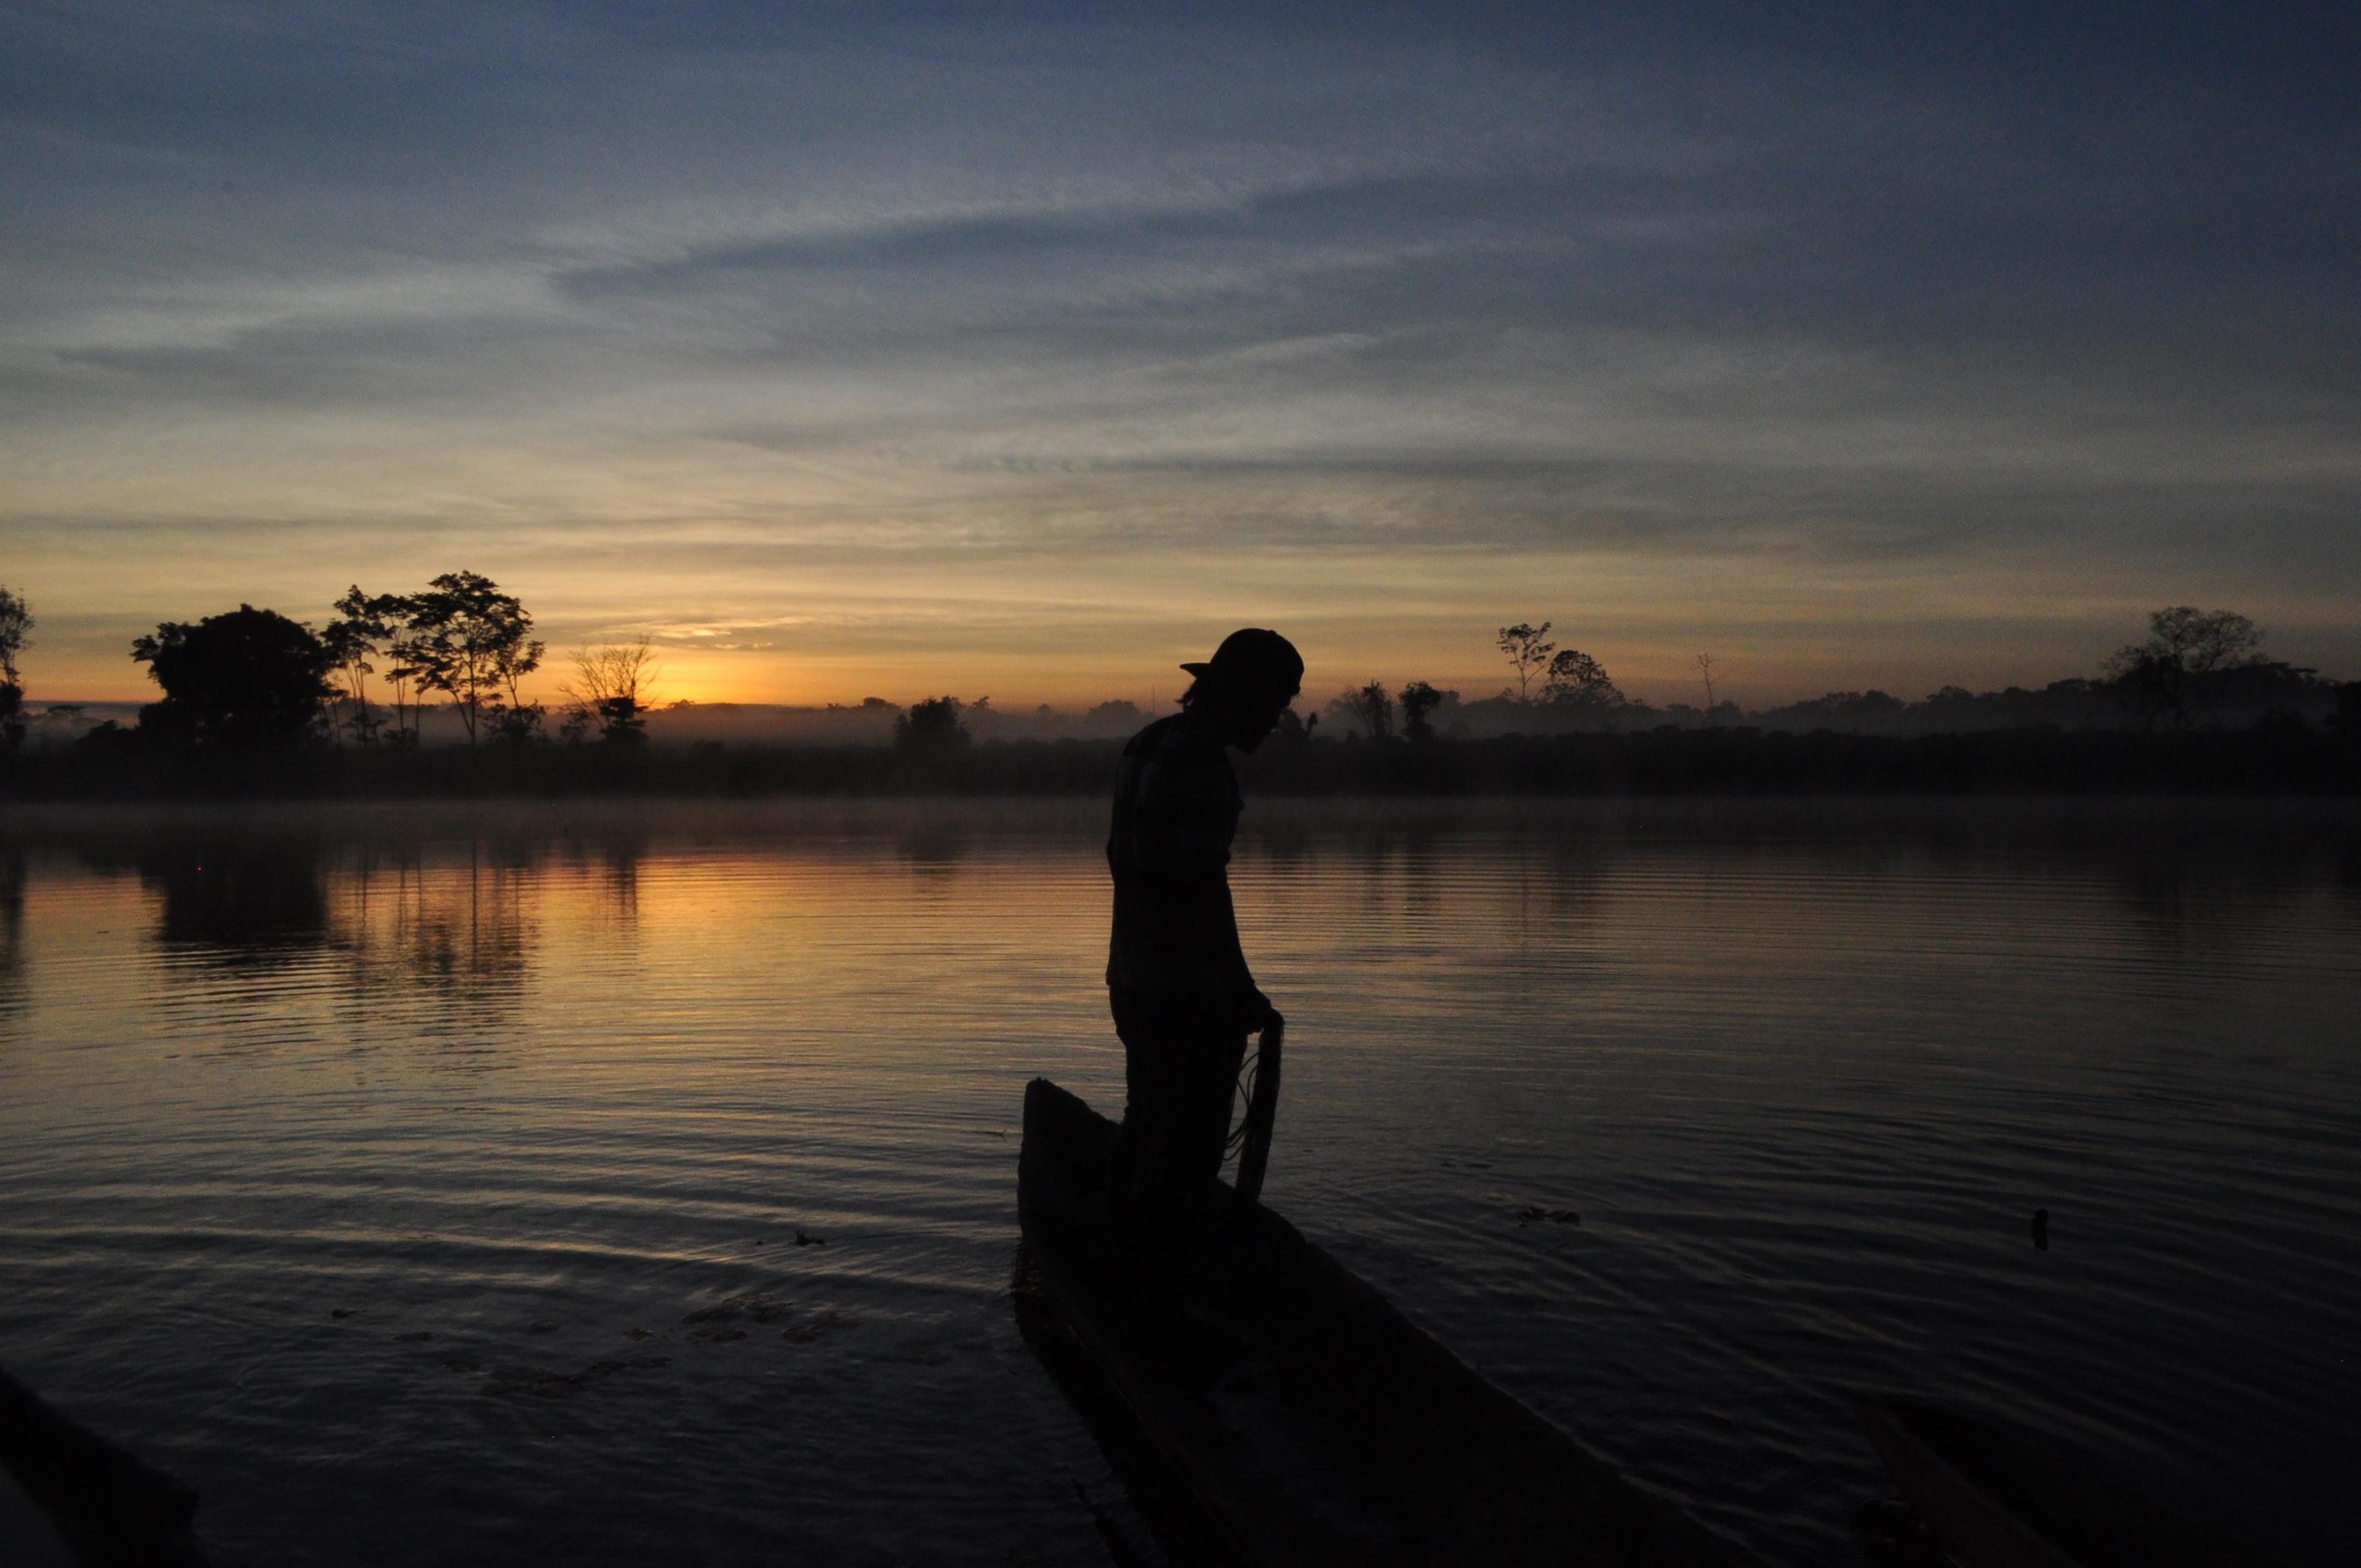 Carlos fishing in the bay of Santa Clara de Uchunya [PHOTO CREDIT: Sarah Sax]